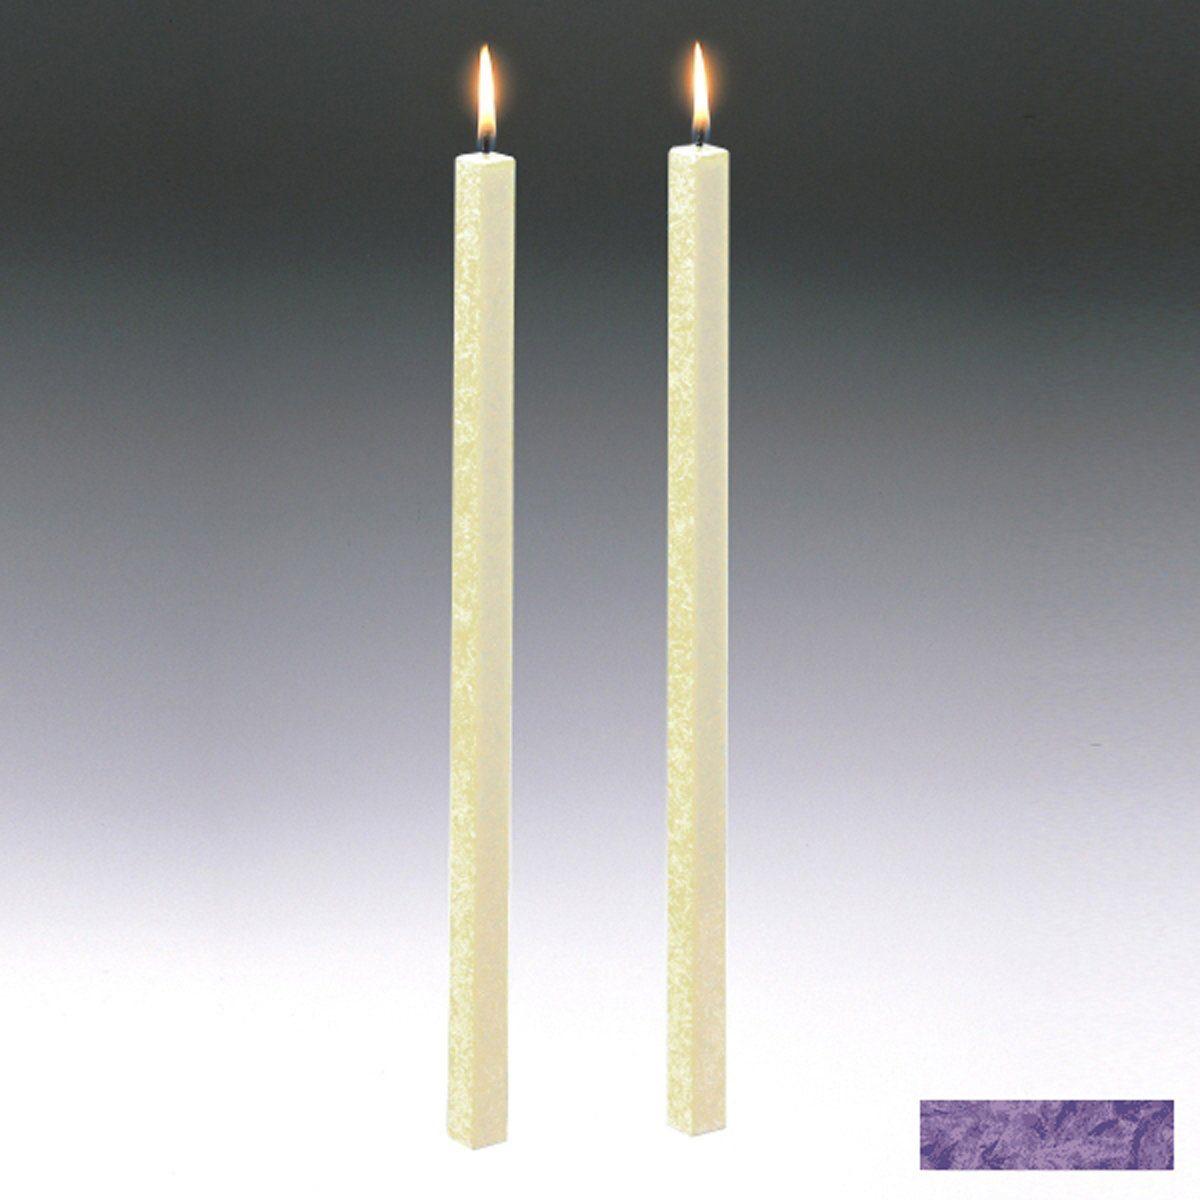 Amabiente Amabiente Kerze CLASSIC Violett 40cm - 2er Set